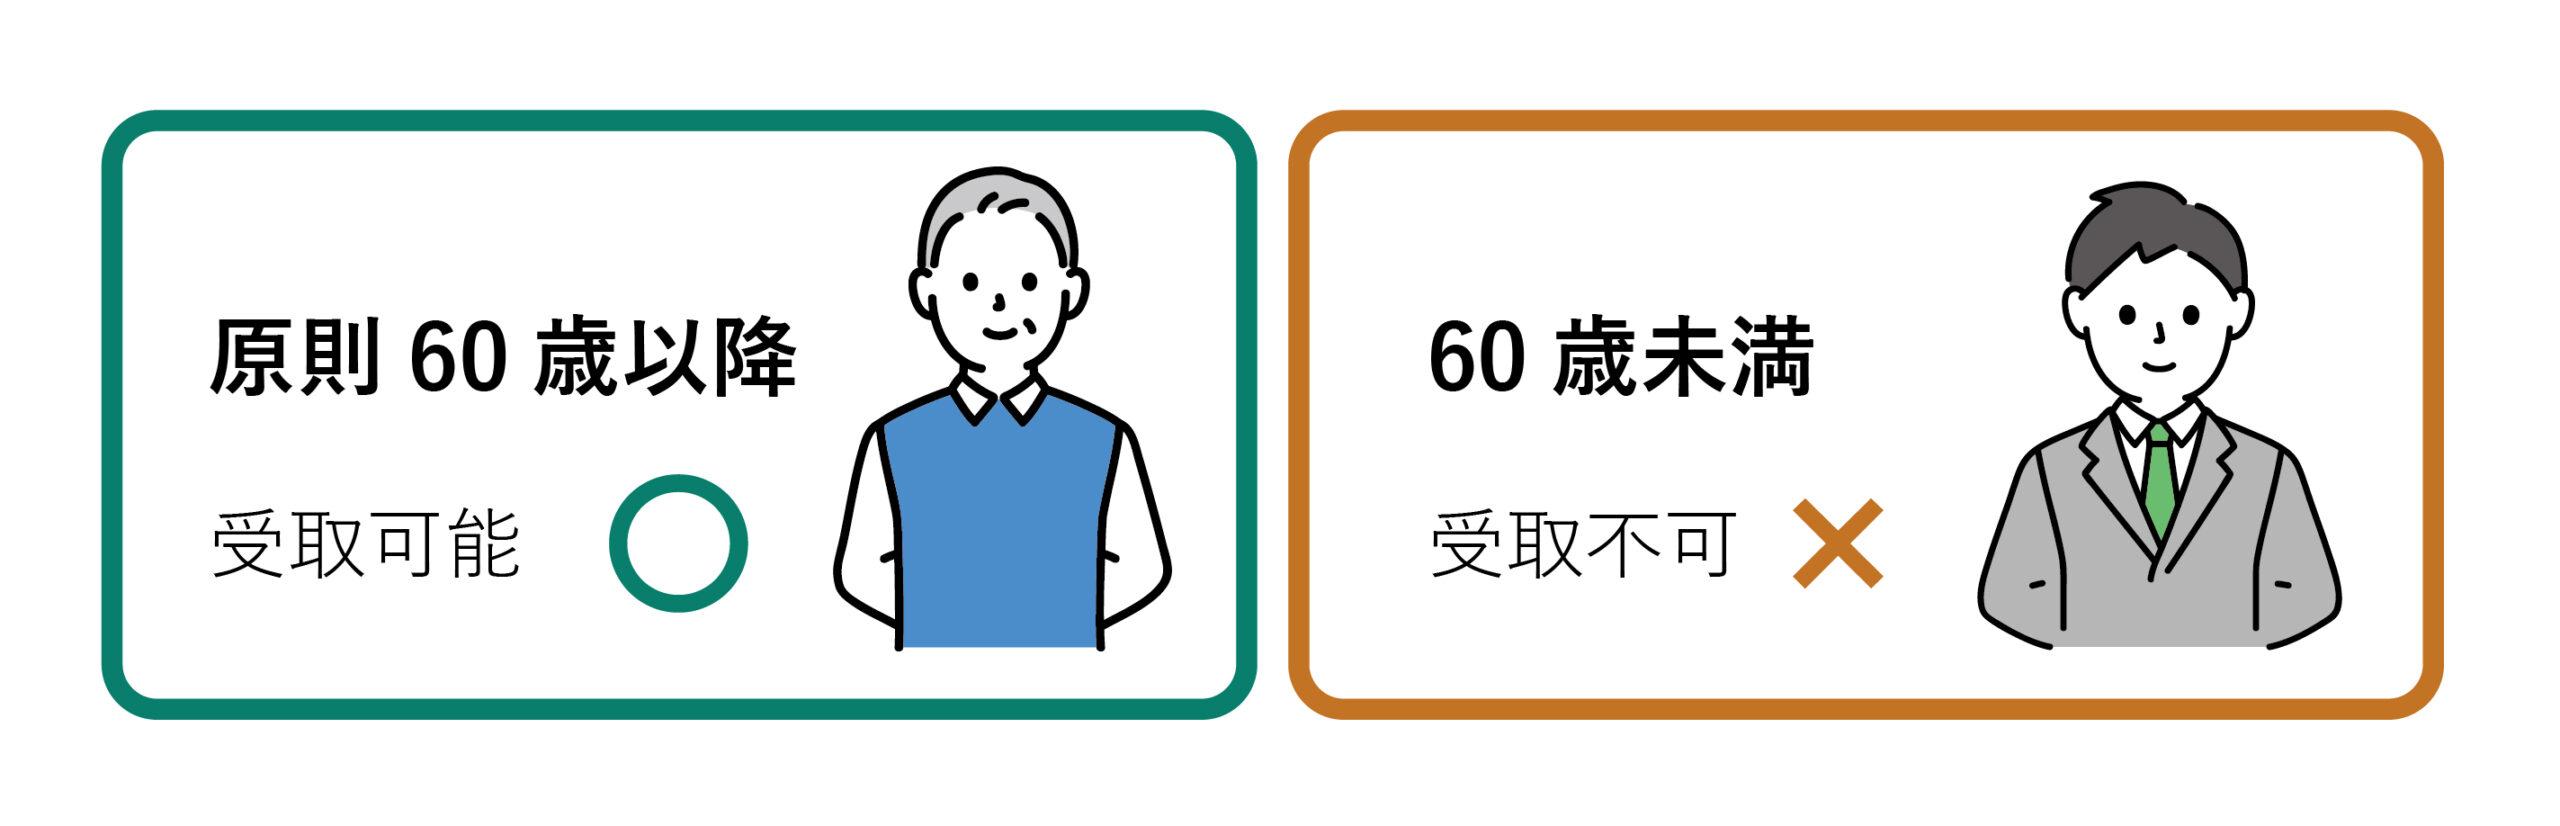 iDeCo60歳以上不可イメージ